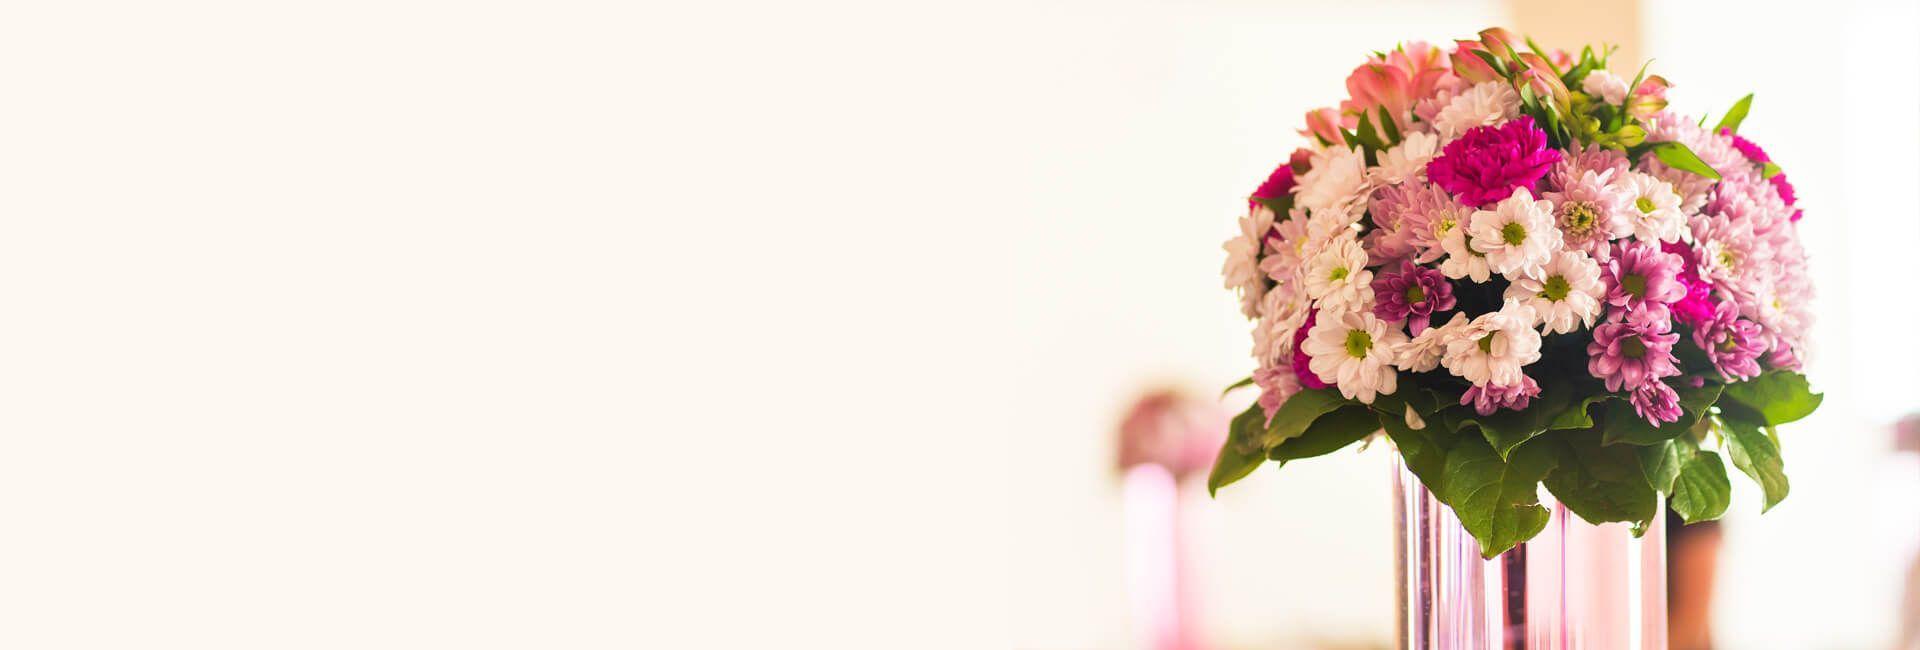 Corporate Flower Gifts Bristol - Best in Bristol, CT